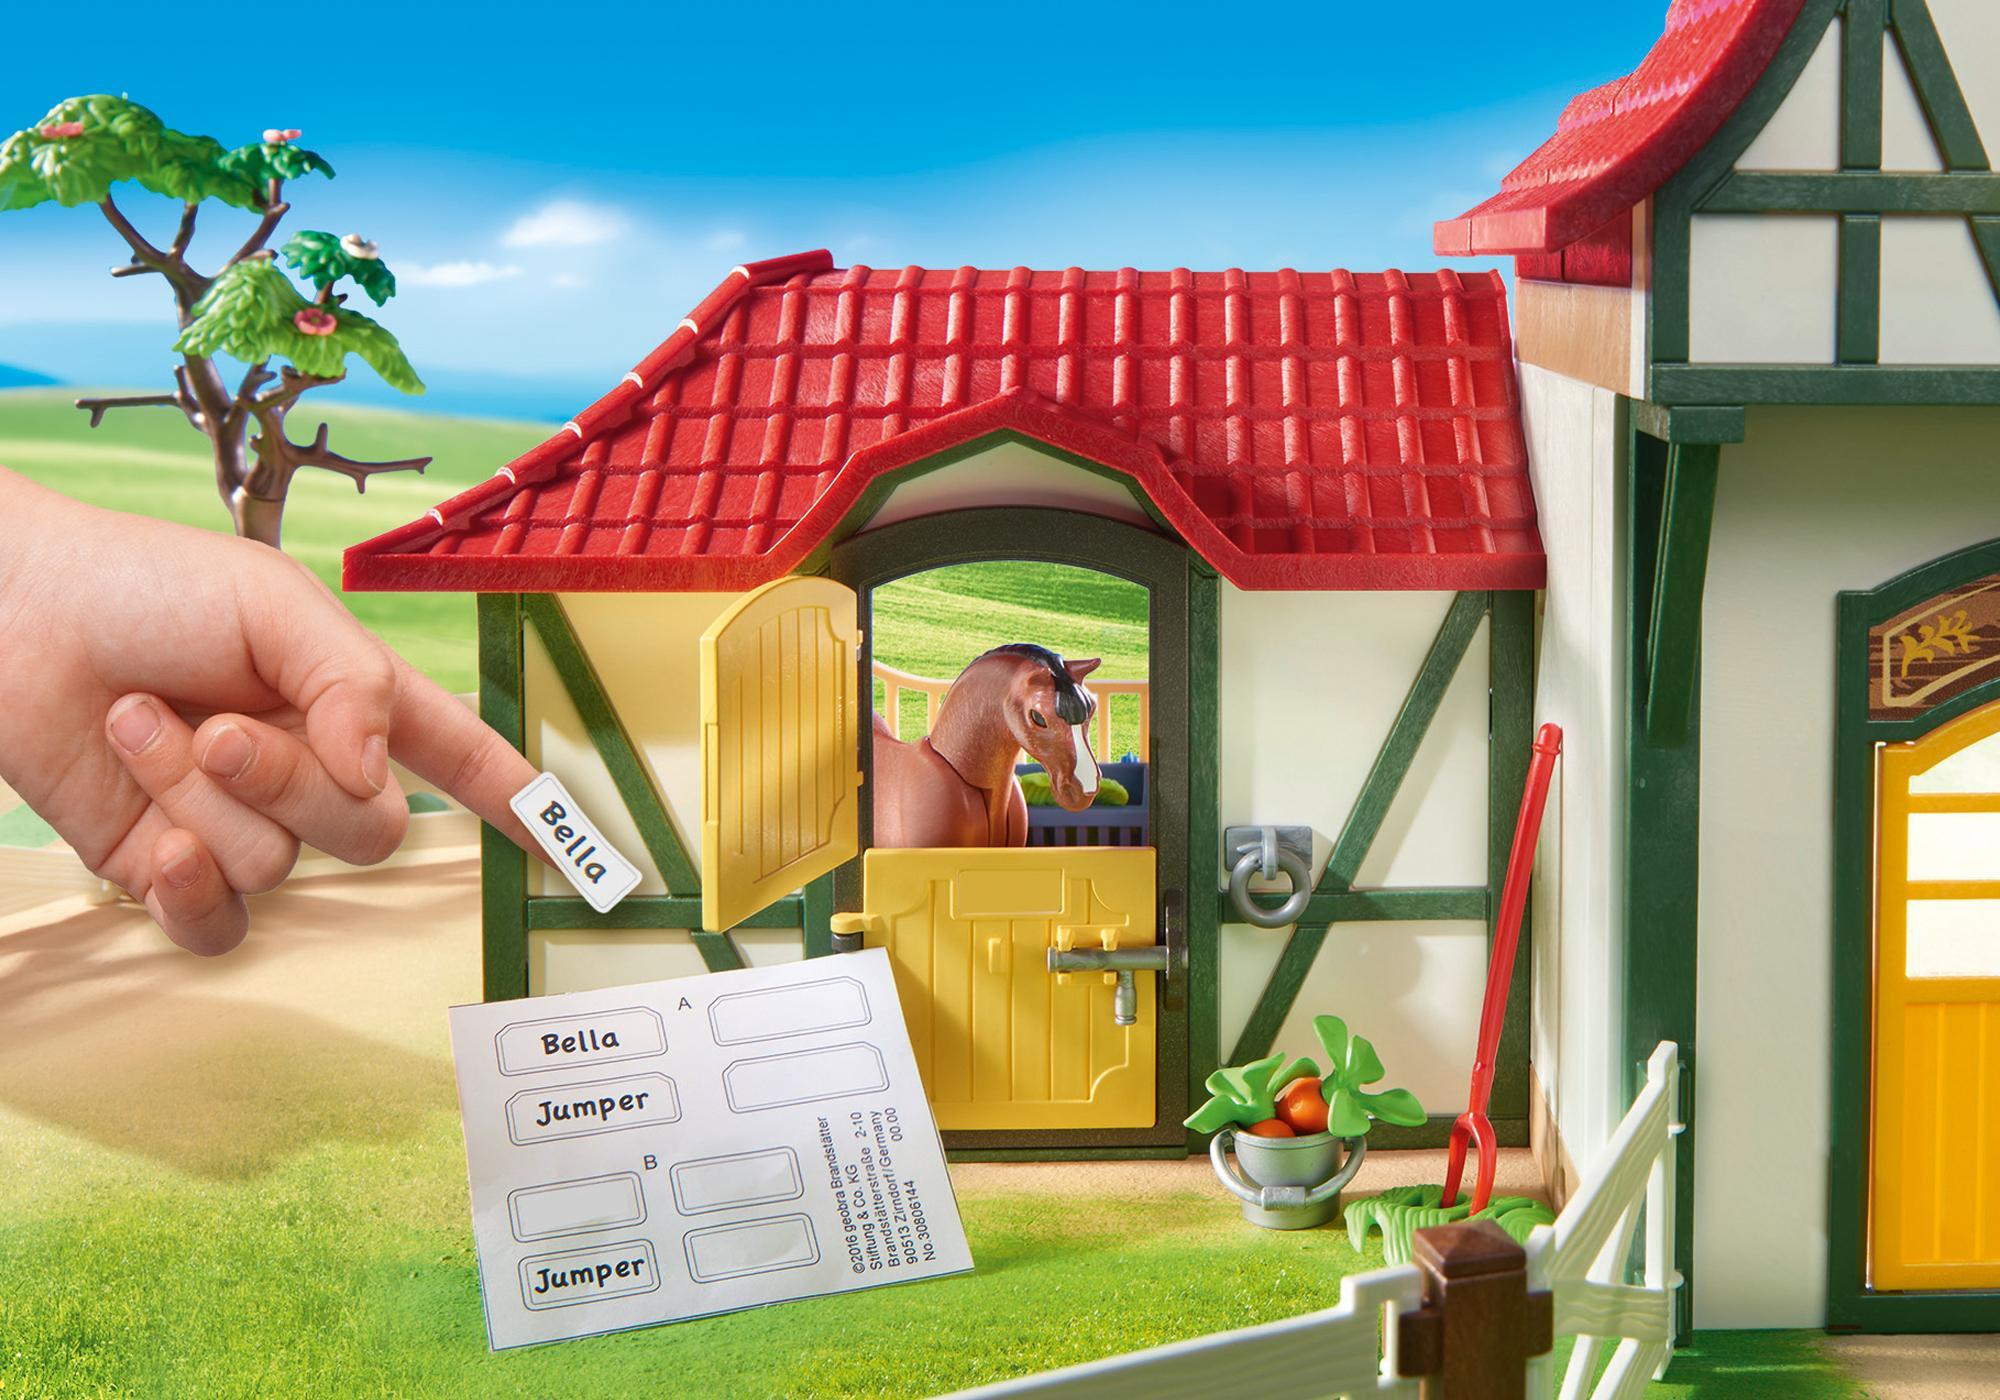 http://media.playmobil.com/i/playmobil/6926_product_extra2/Större ridanläggning